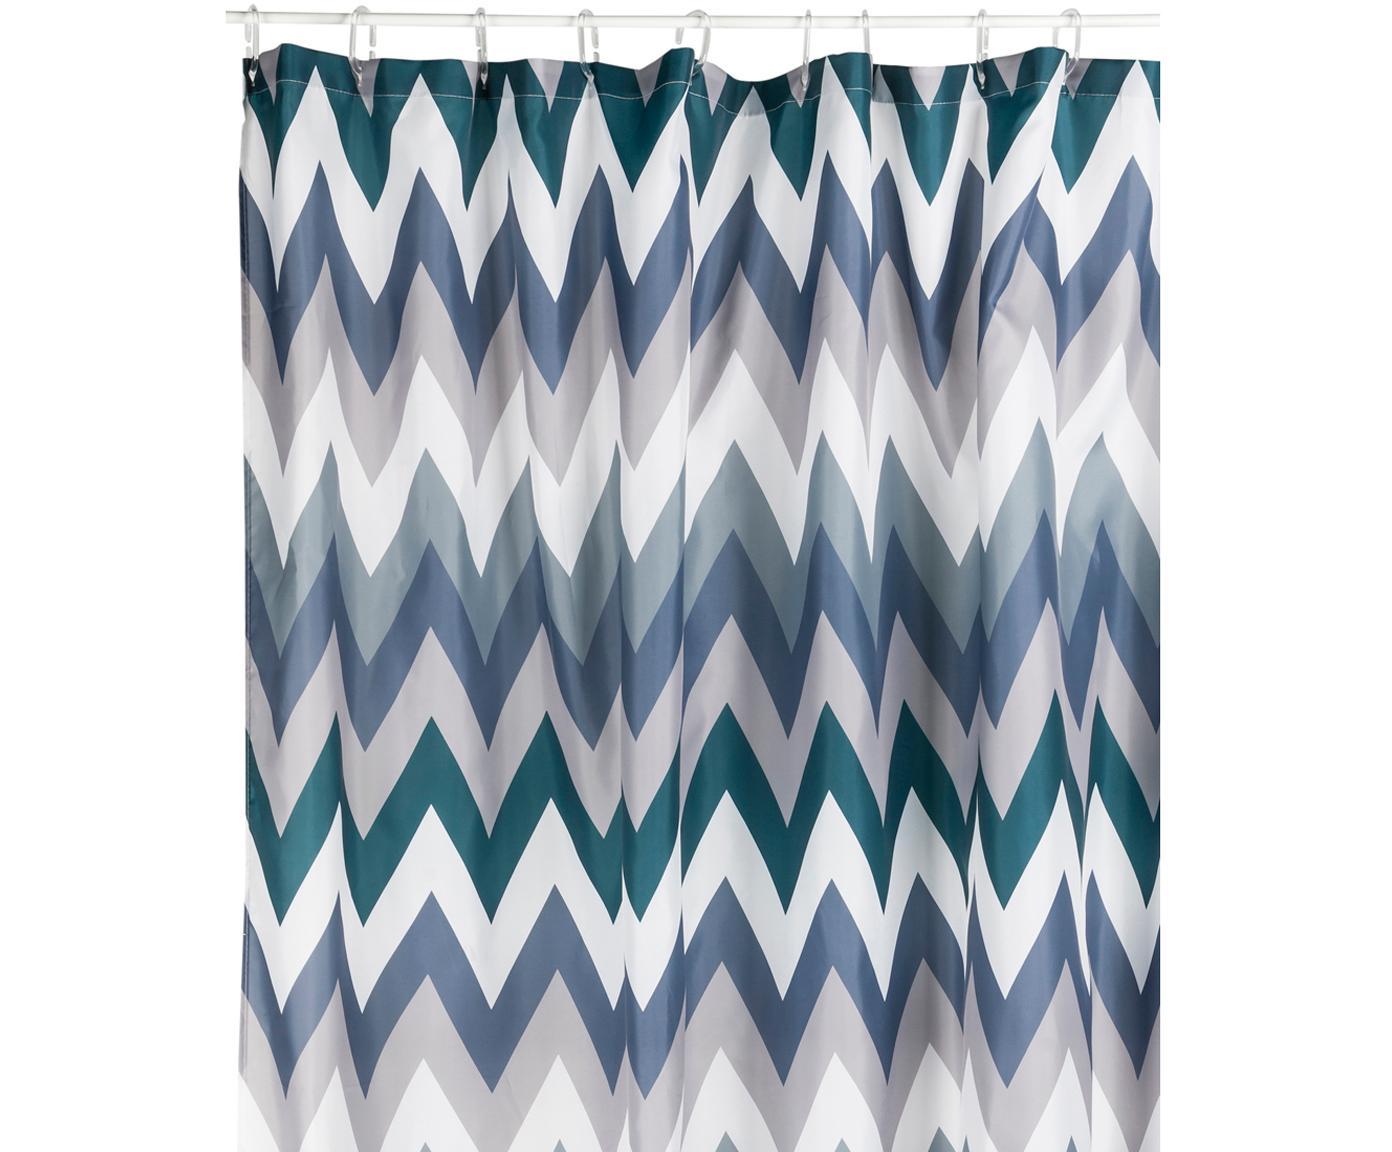 Tenda da doccia con motivo a zigzag Hanneke, 100% poliestere stampato Idrorepellente non impermeabile, Blu, grigio, bianco, verde, Larg. 180 x Lung. 200 cm